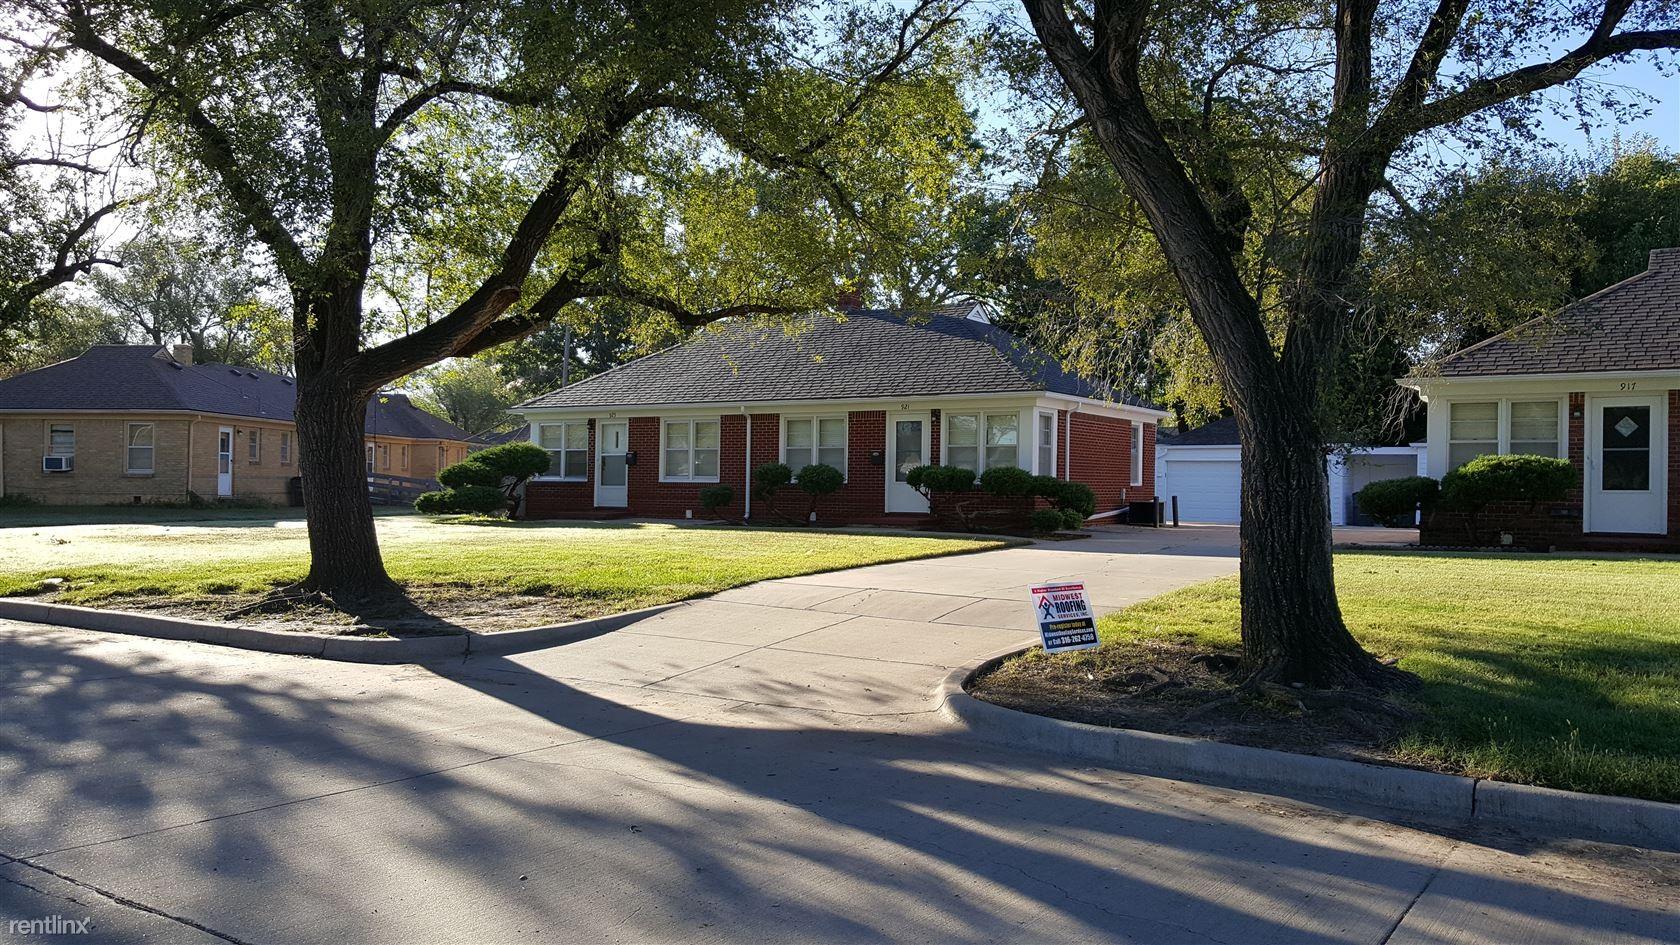 216 S Kansas St Wichita Ks 67211 1 Bedroom Apartment For Rent Padmapper